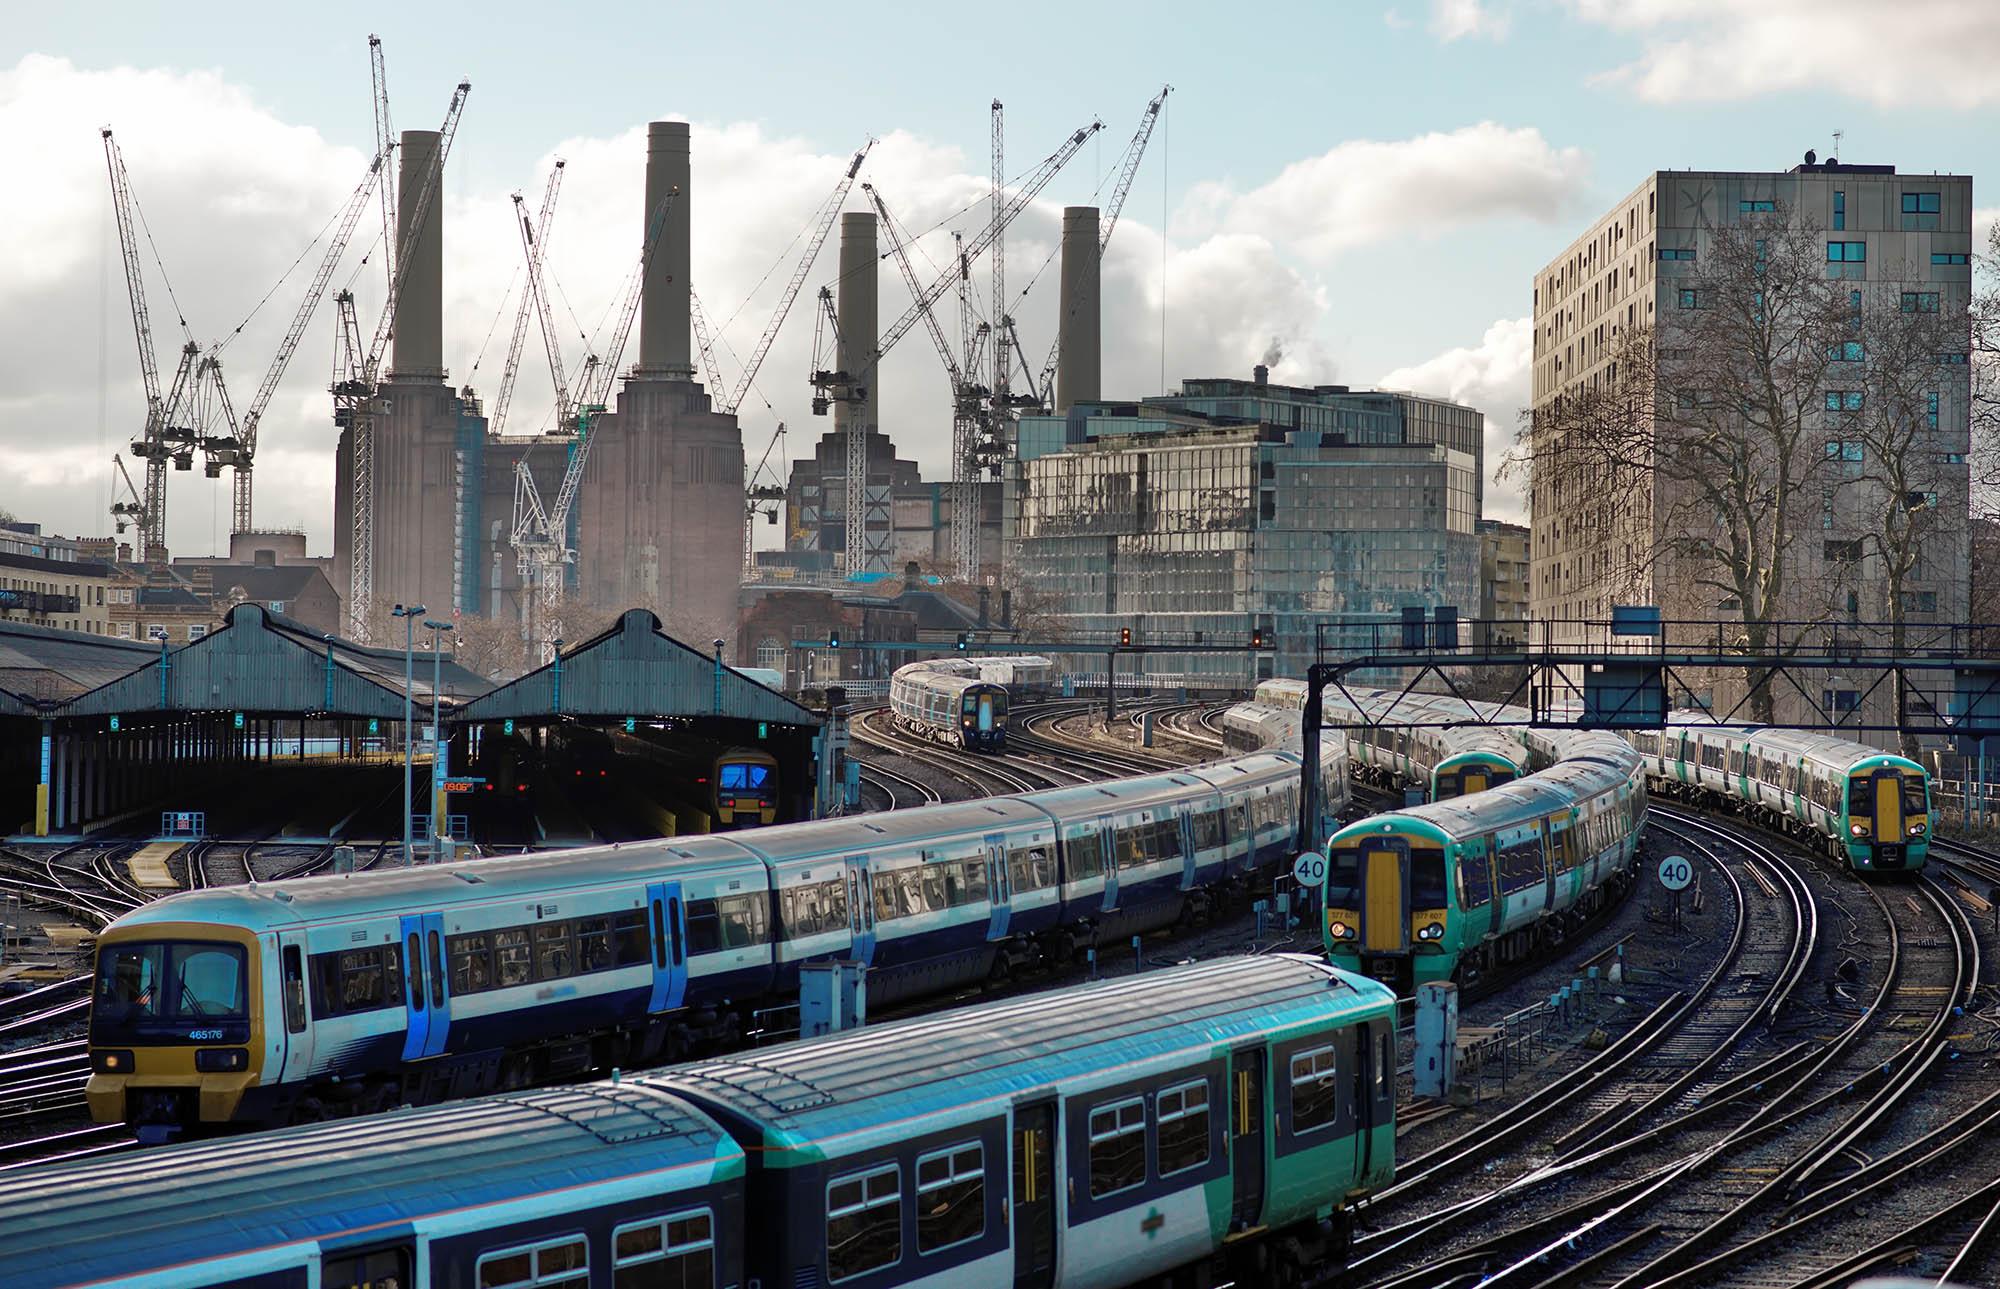 train yard railway injury compensation solicitors Aberdeen